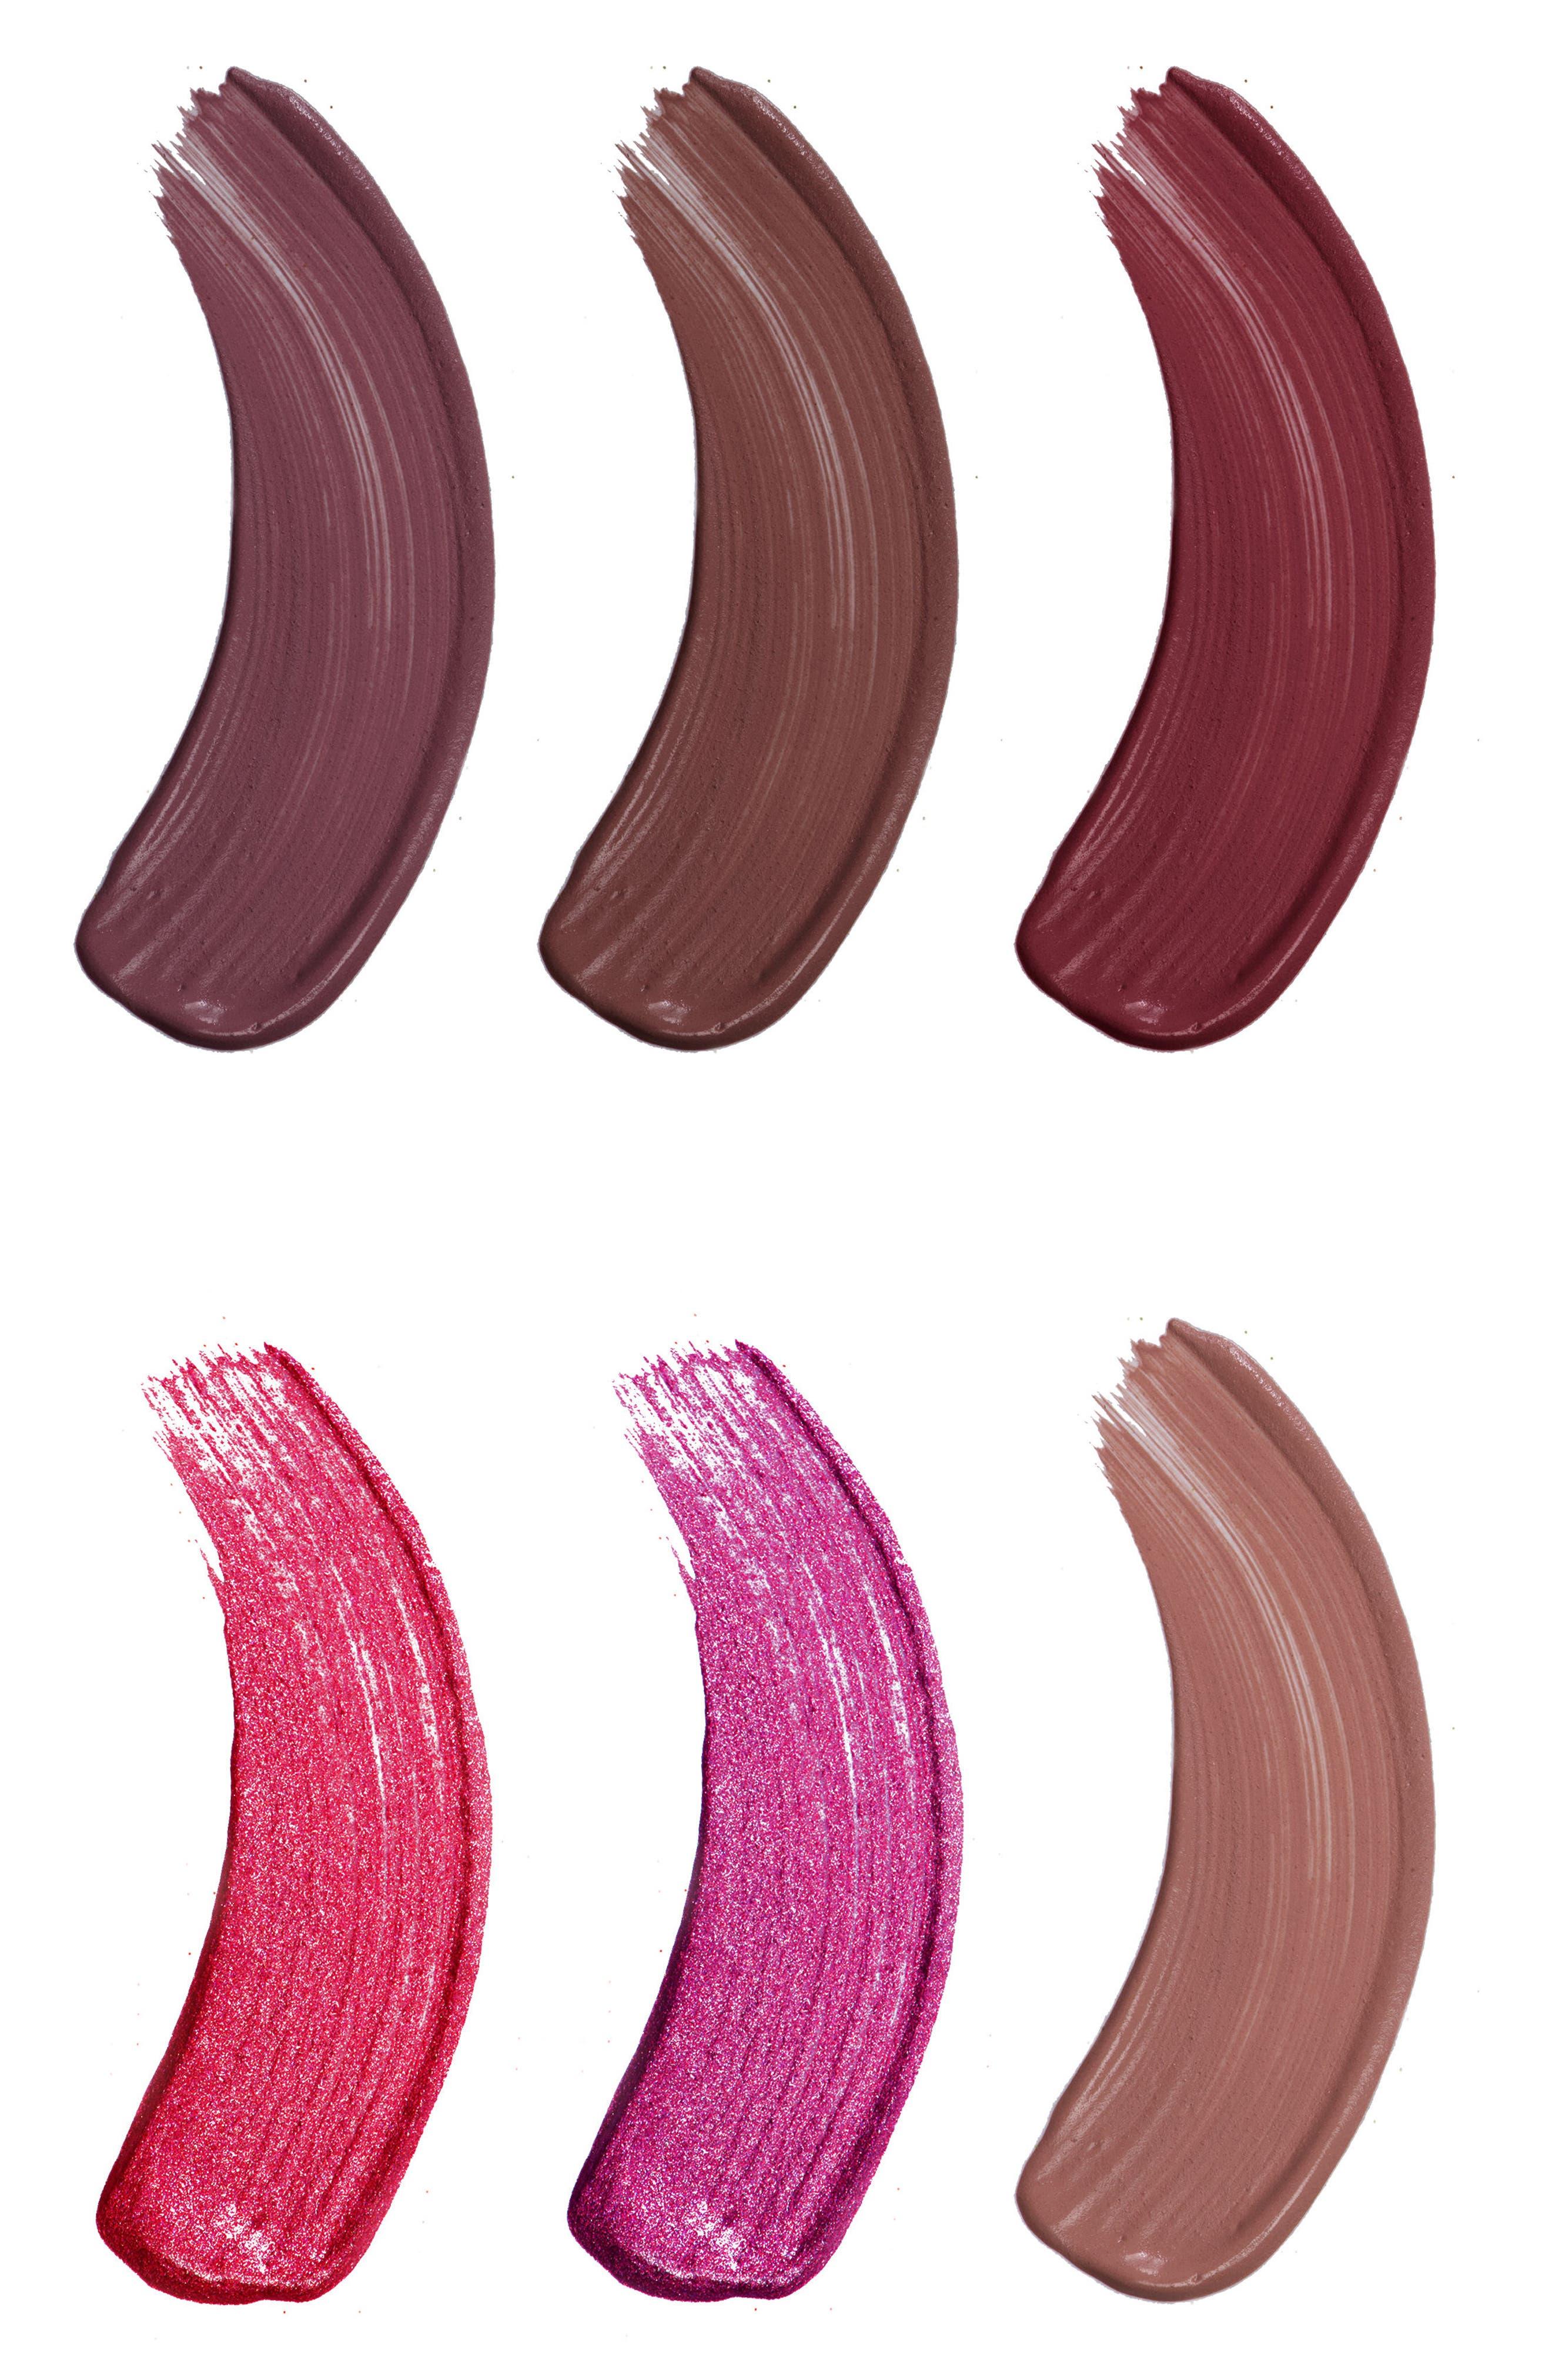 Alternate Image 4  - Jouer Best of Deeps Mini Long-Wear Lip Crème Liquid Lipstick Collection ($32 Value)